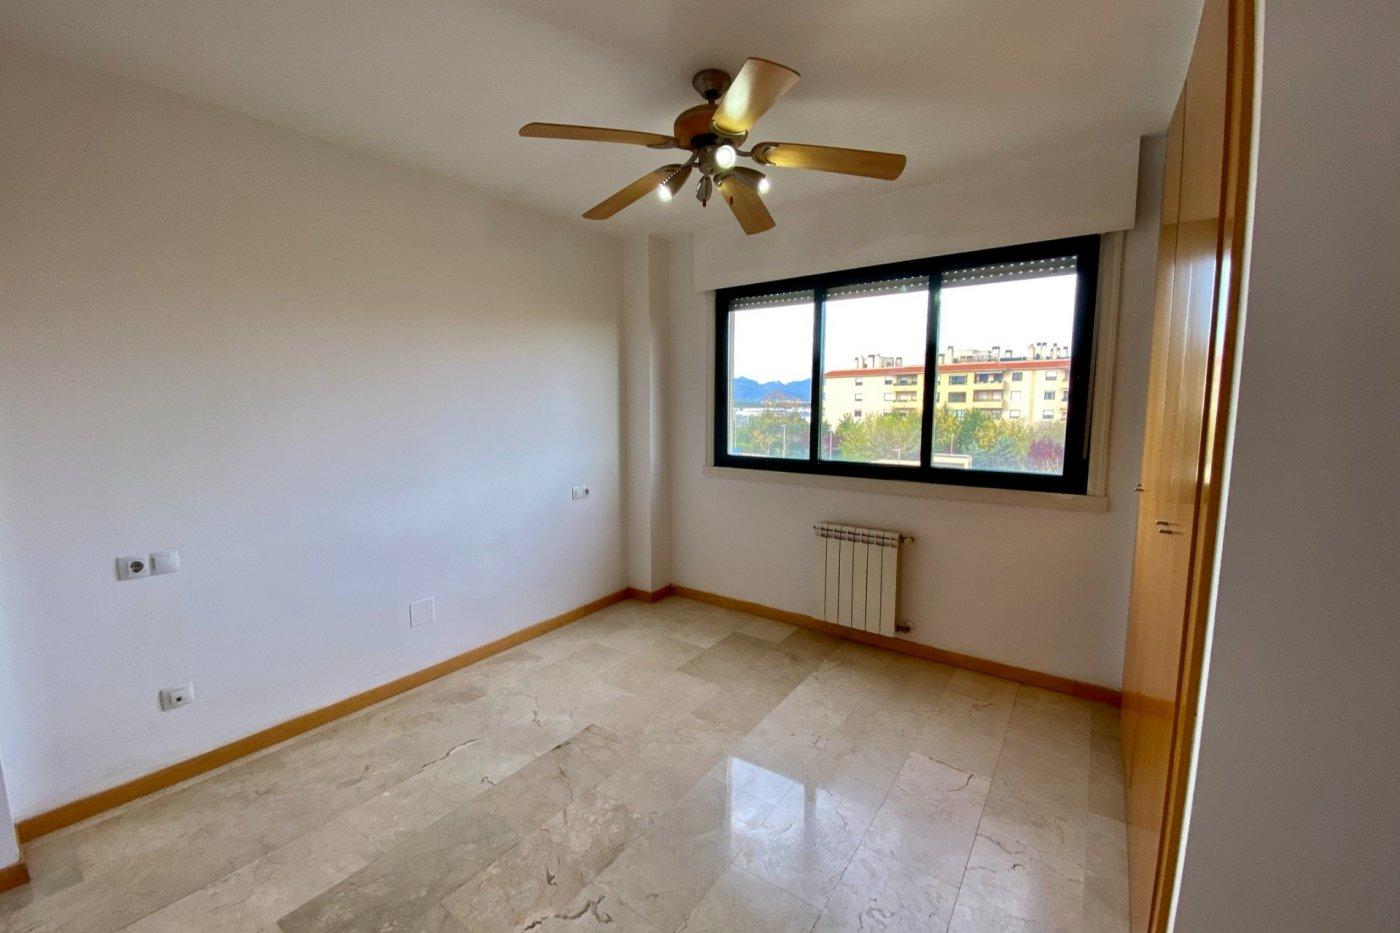 Piso sin muebles de 105 m² de superficie en zona residencial de son cotoner, palma de mall - imagenInmueble12